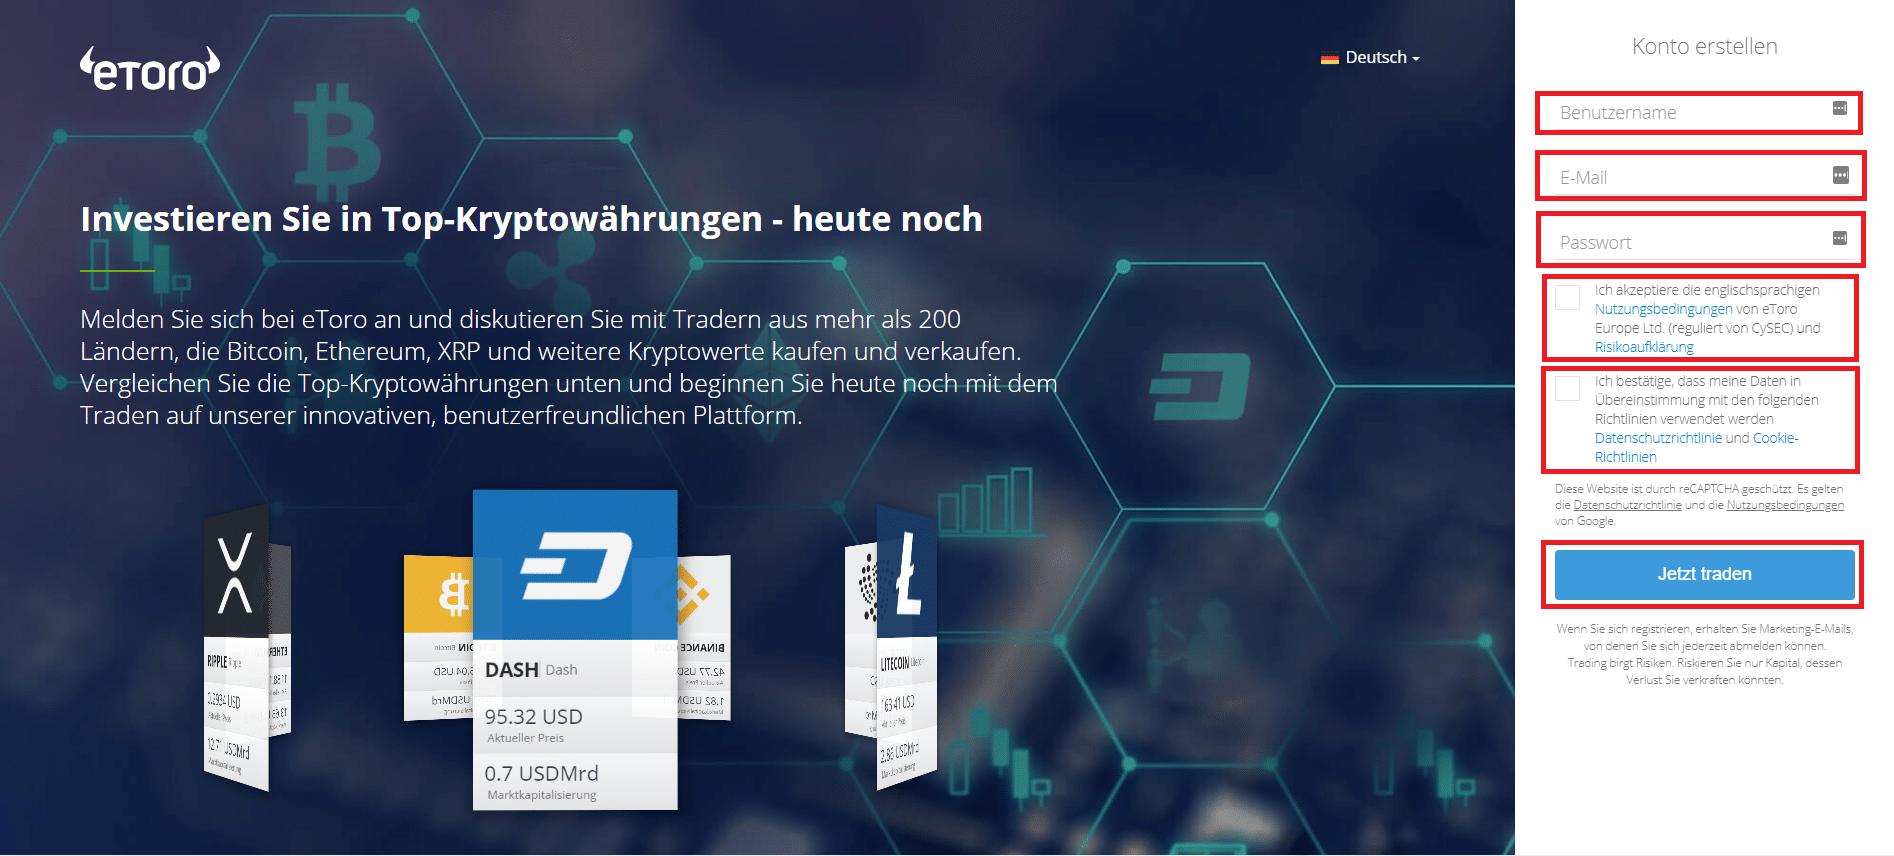 Bitcoin kaufen bei eToro